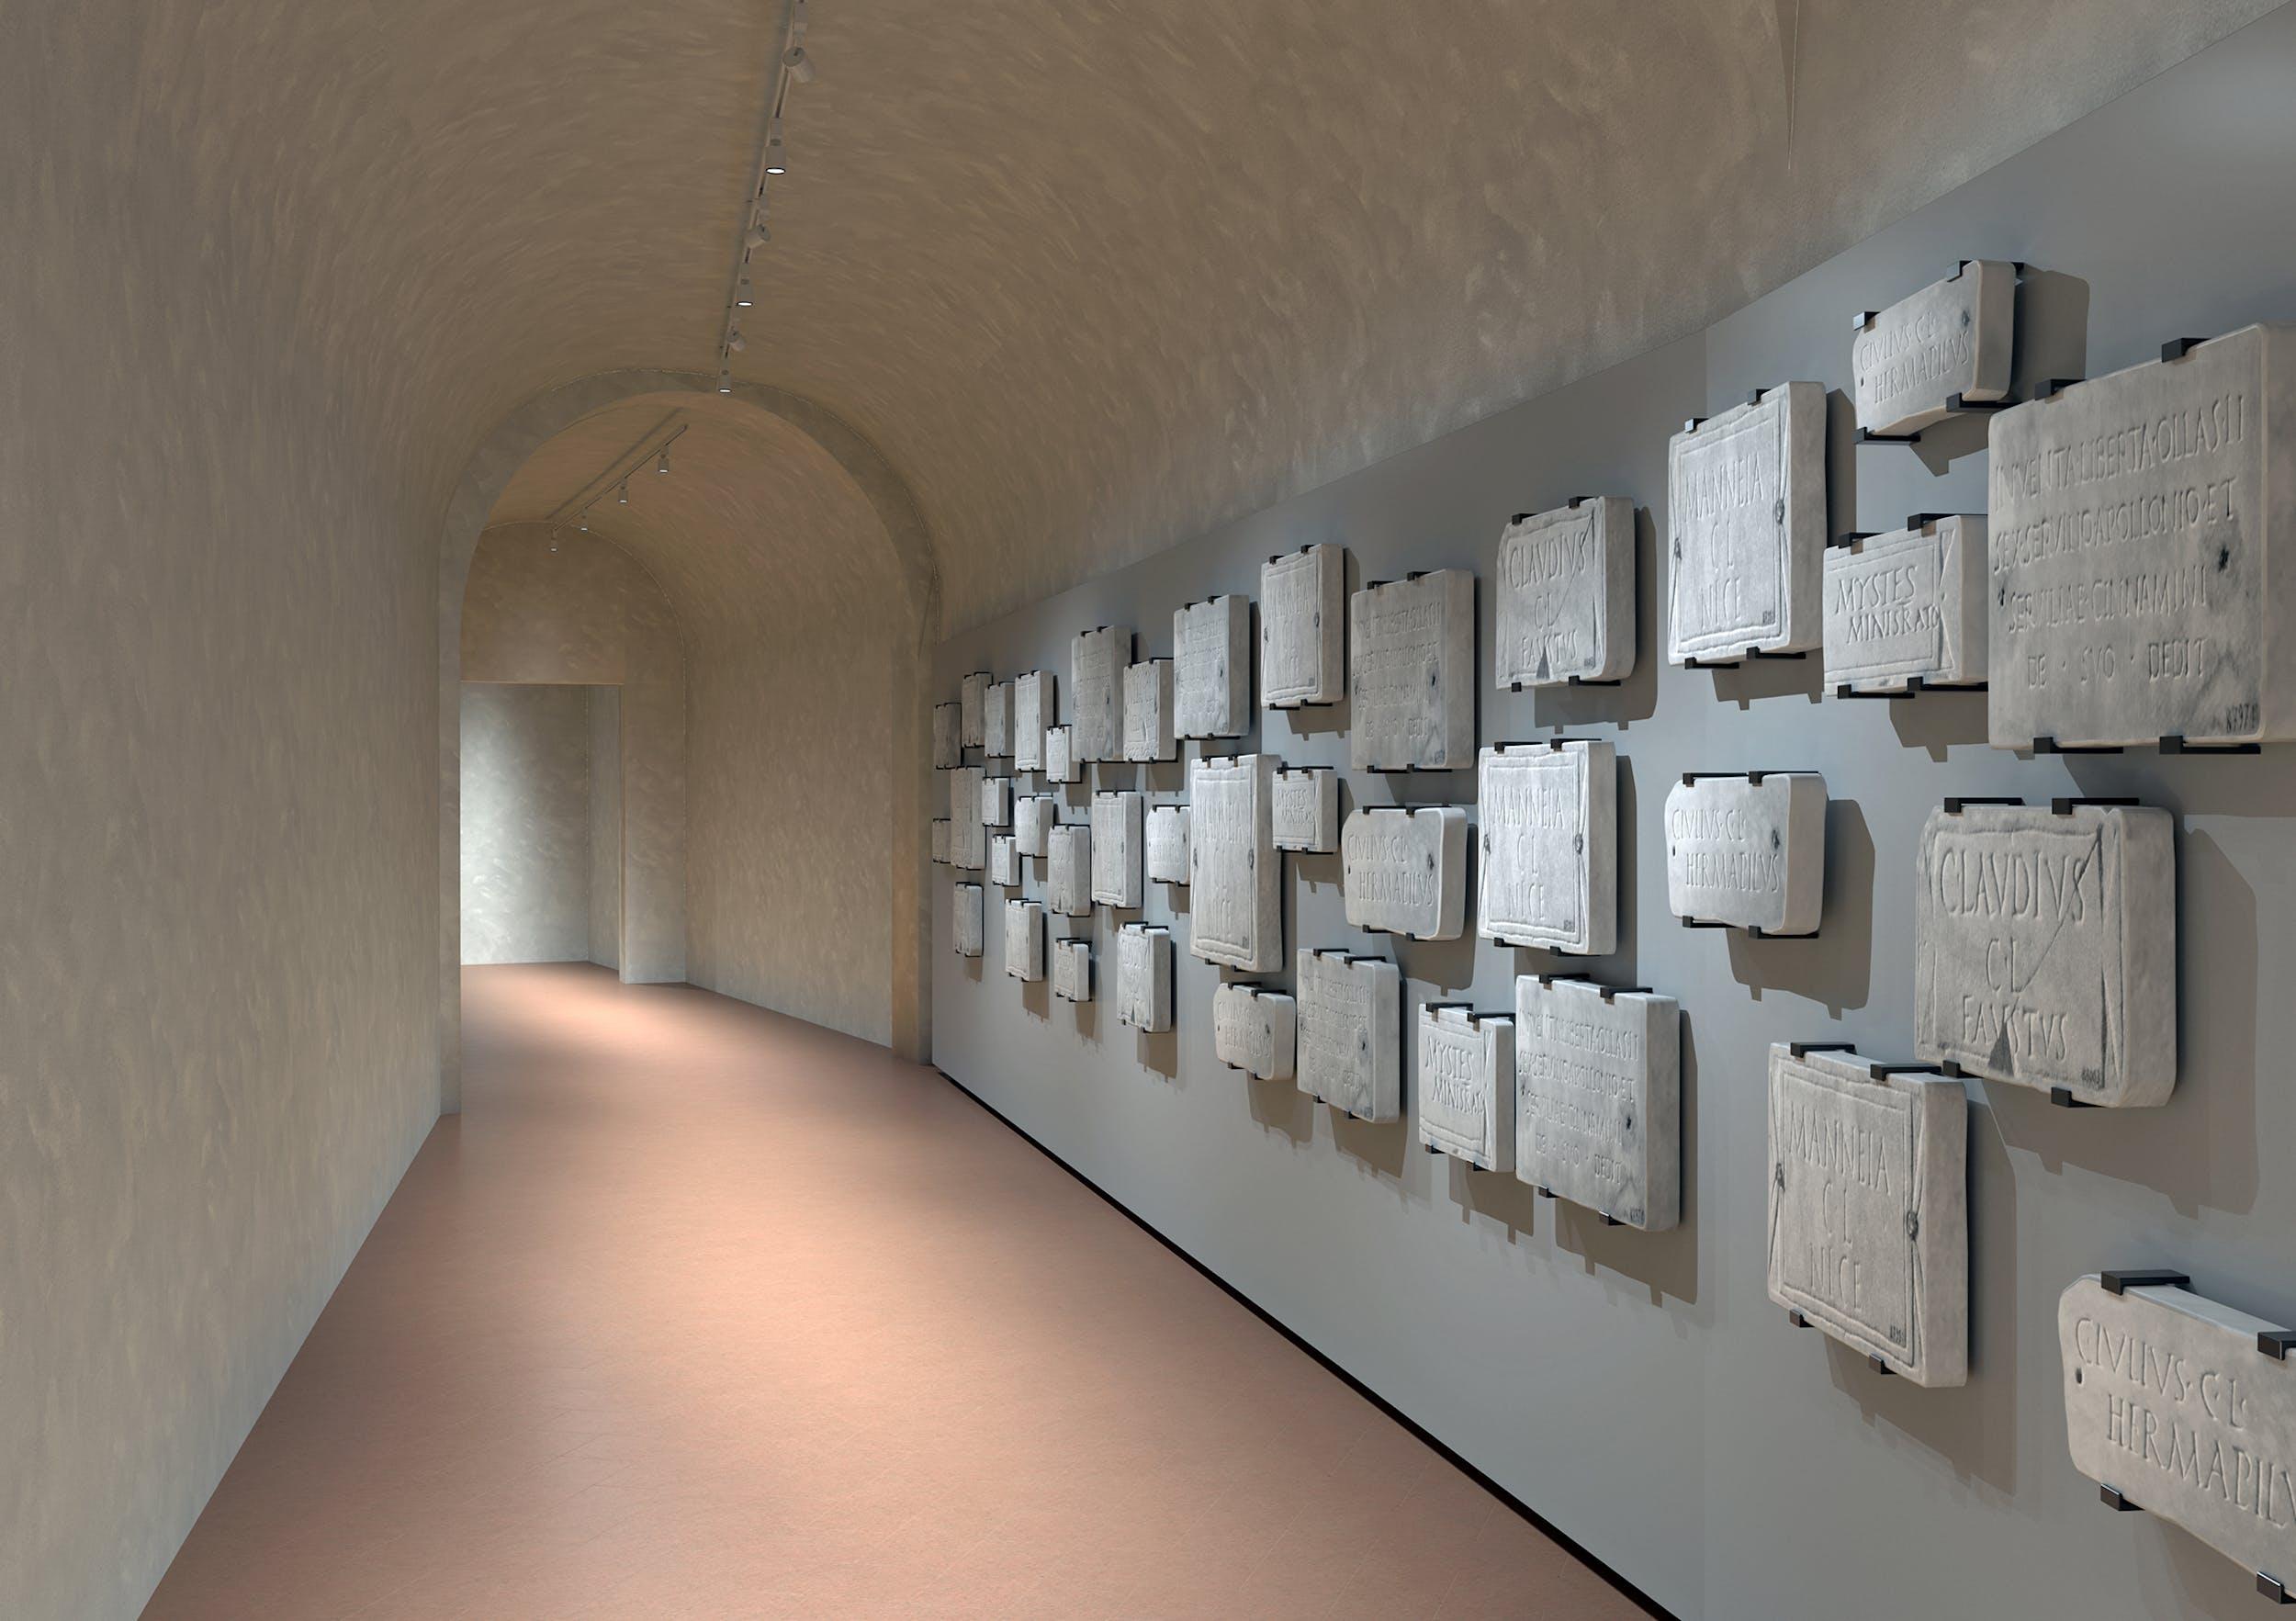 Corridoio Vasariano, rendering allestimento collezione di epigrafi